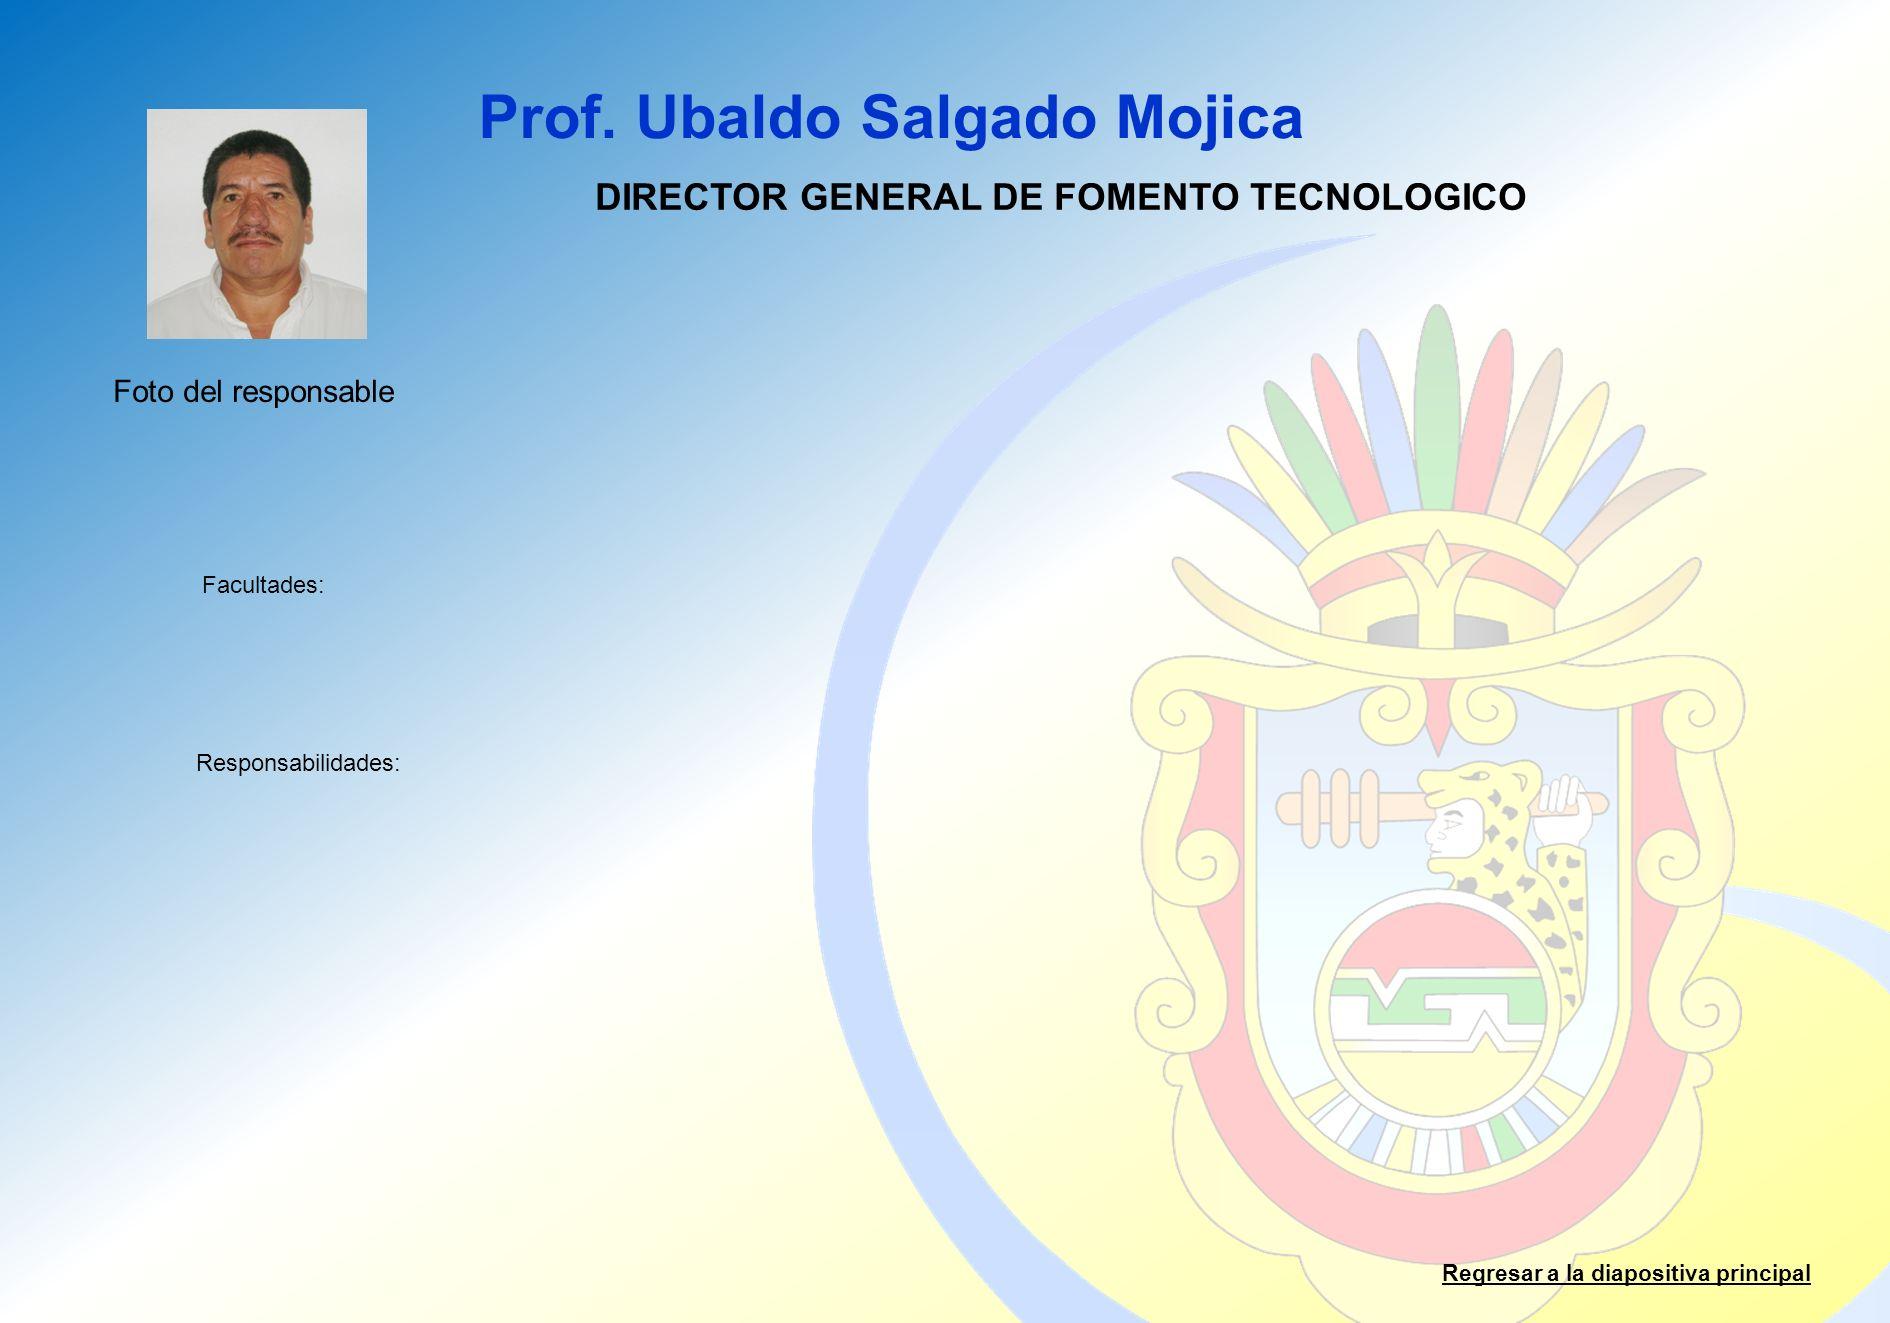 Prof. Ubaldo Salgado Mojica Facultades: Responsabilidades: Regresar a la diapositiva principal DIRECTOR GENERAL DE FOMENTO TECNOLOGICO Foto del respon